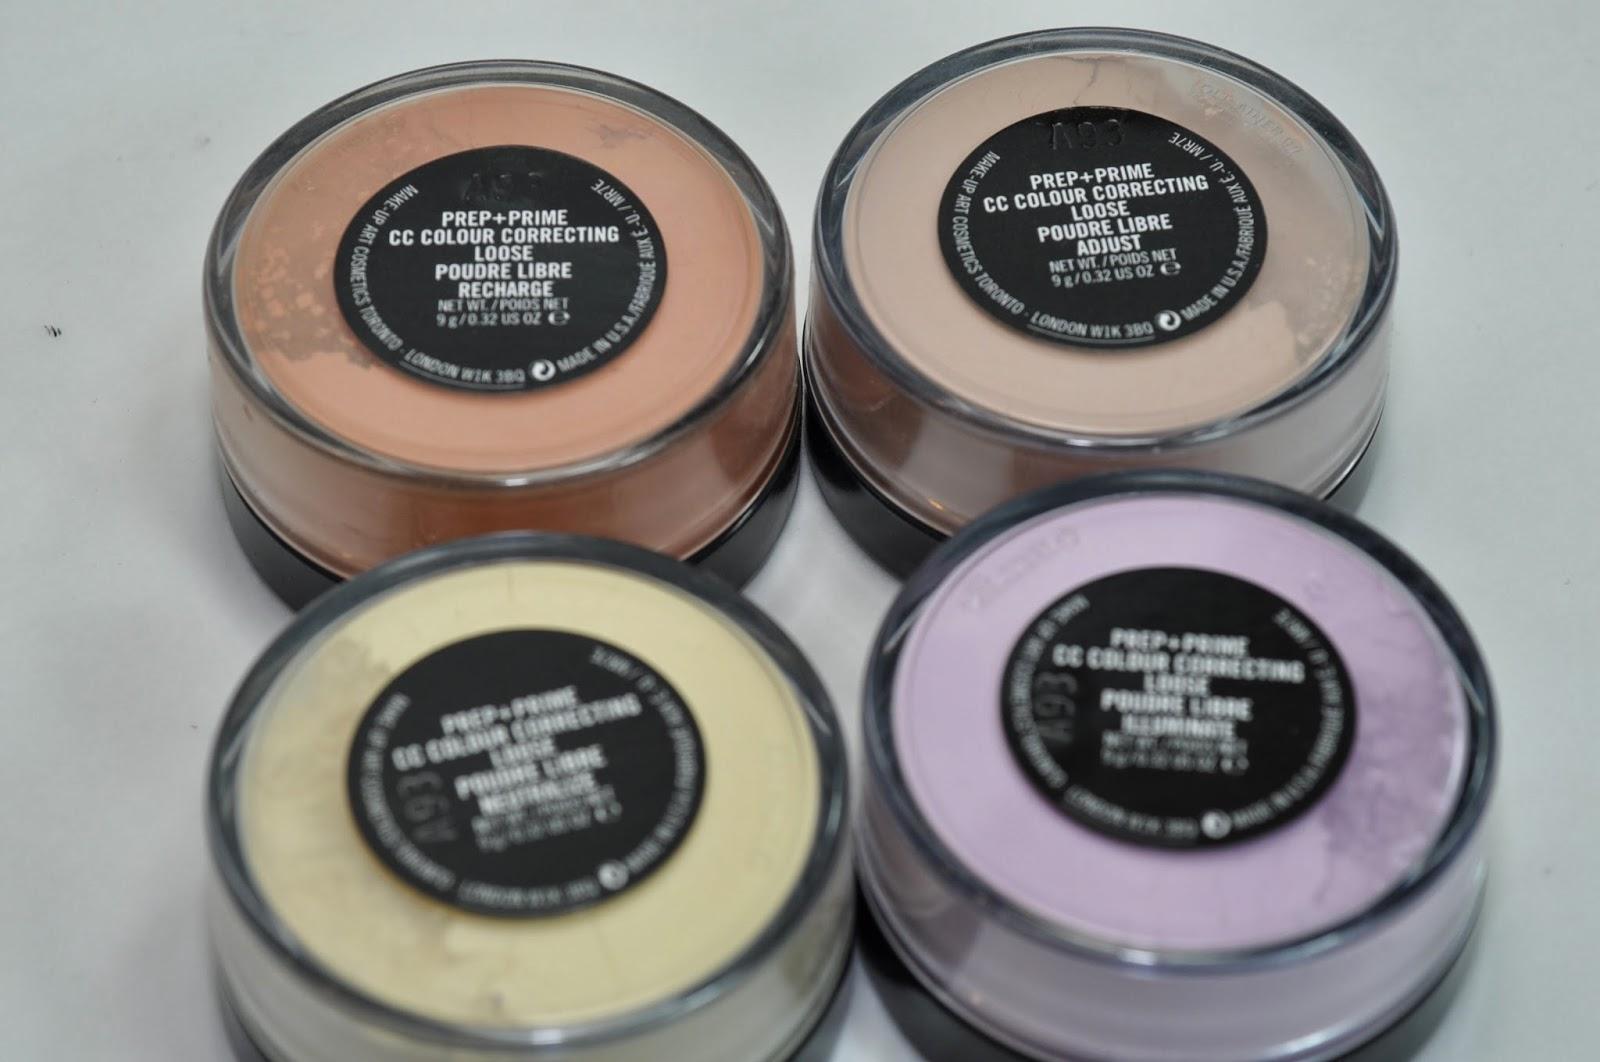 Mac prep prime cc colour correcting loose powder swatches review mac prep prime cc colour correcting loose powder swatches review nvjuhfo Gallery